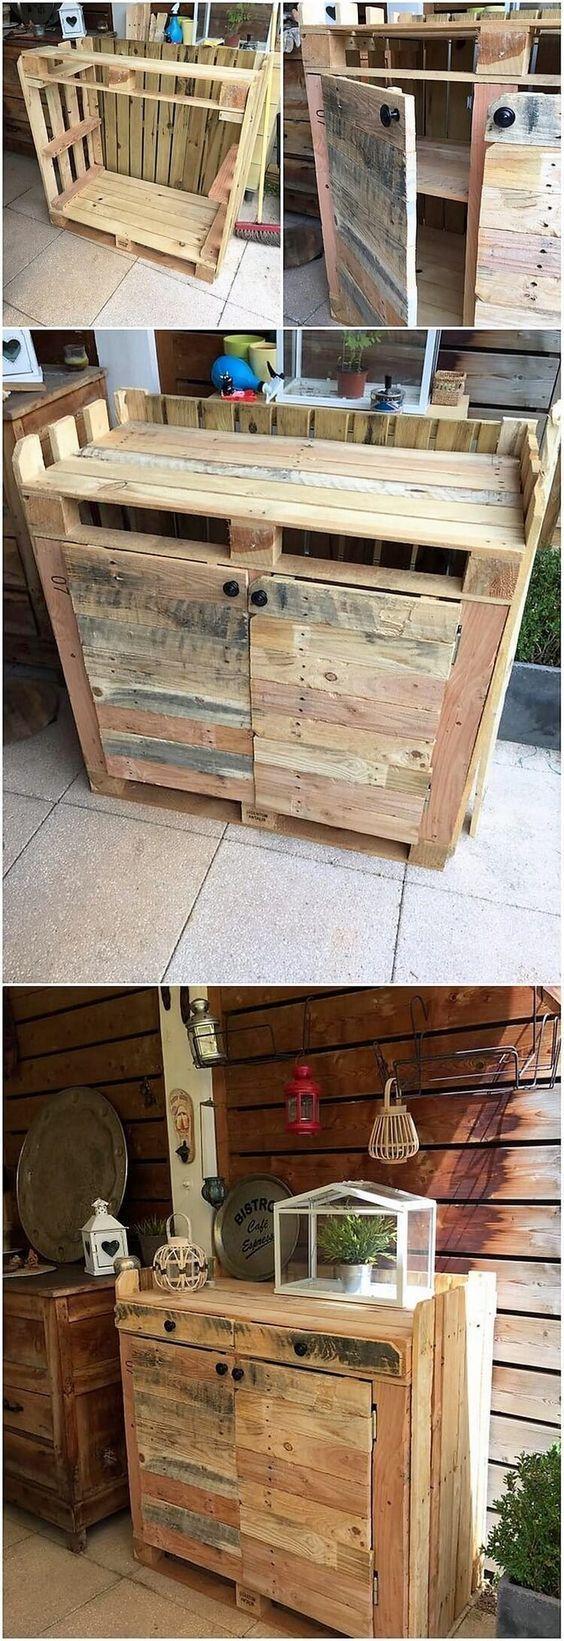 Haben Sie schon einmal darüber nachgedacht, Ihre Küche mit dem Schrankdesign zu versehen, das aus Holz besteht? Holzpalette ist das bisher beste Material, das Sie bei der Gestaltung des Küchenschranks verwenden können. Es bietet den Geschmack der Gehäuseteile im unteren Bereich des Designs.